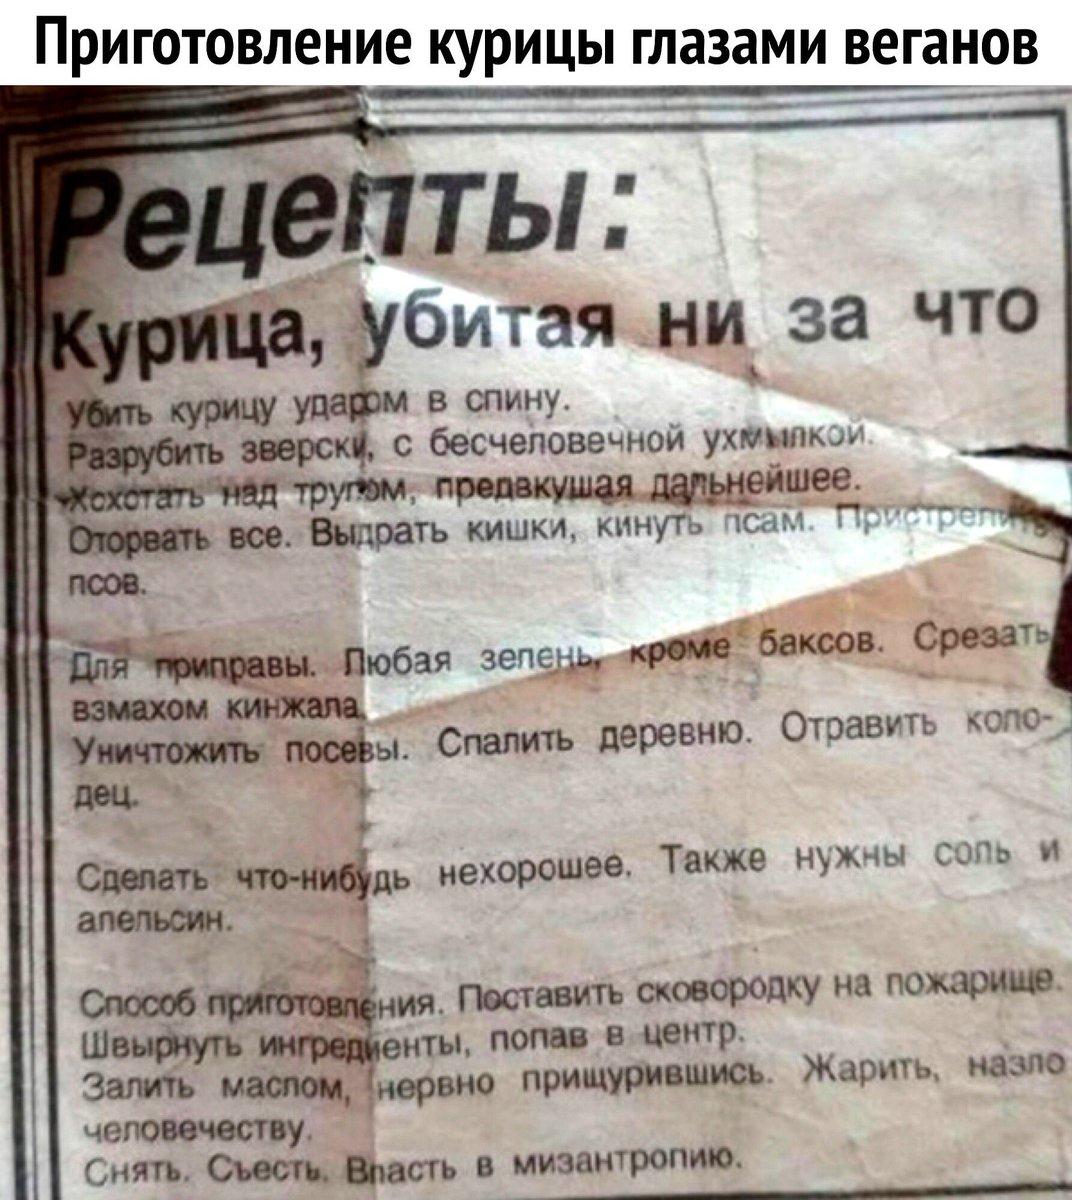 Вместо критики старые шлюхи без презерватива просто буду знать))))